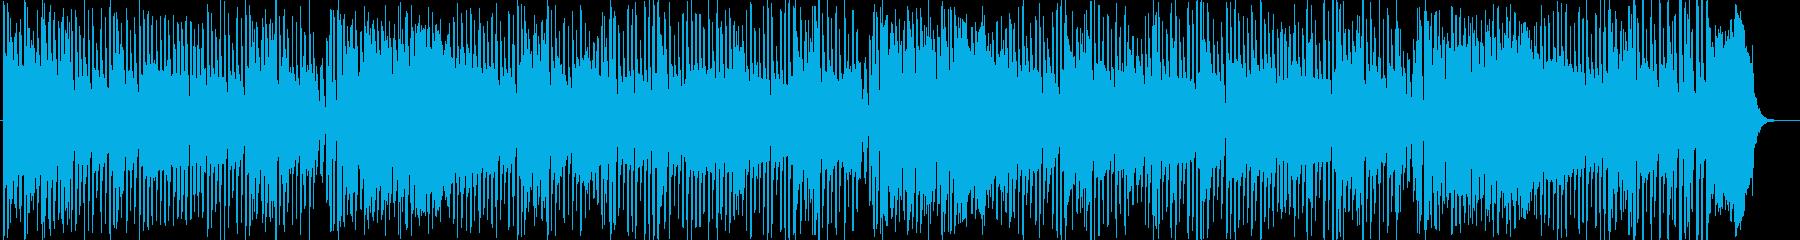 日本の名曲をクイックステップでの再生済みの波形